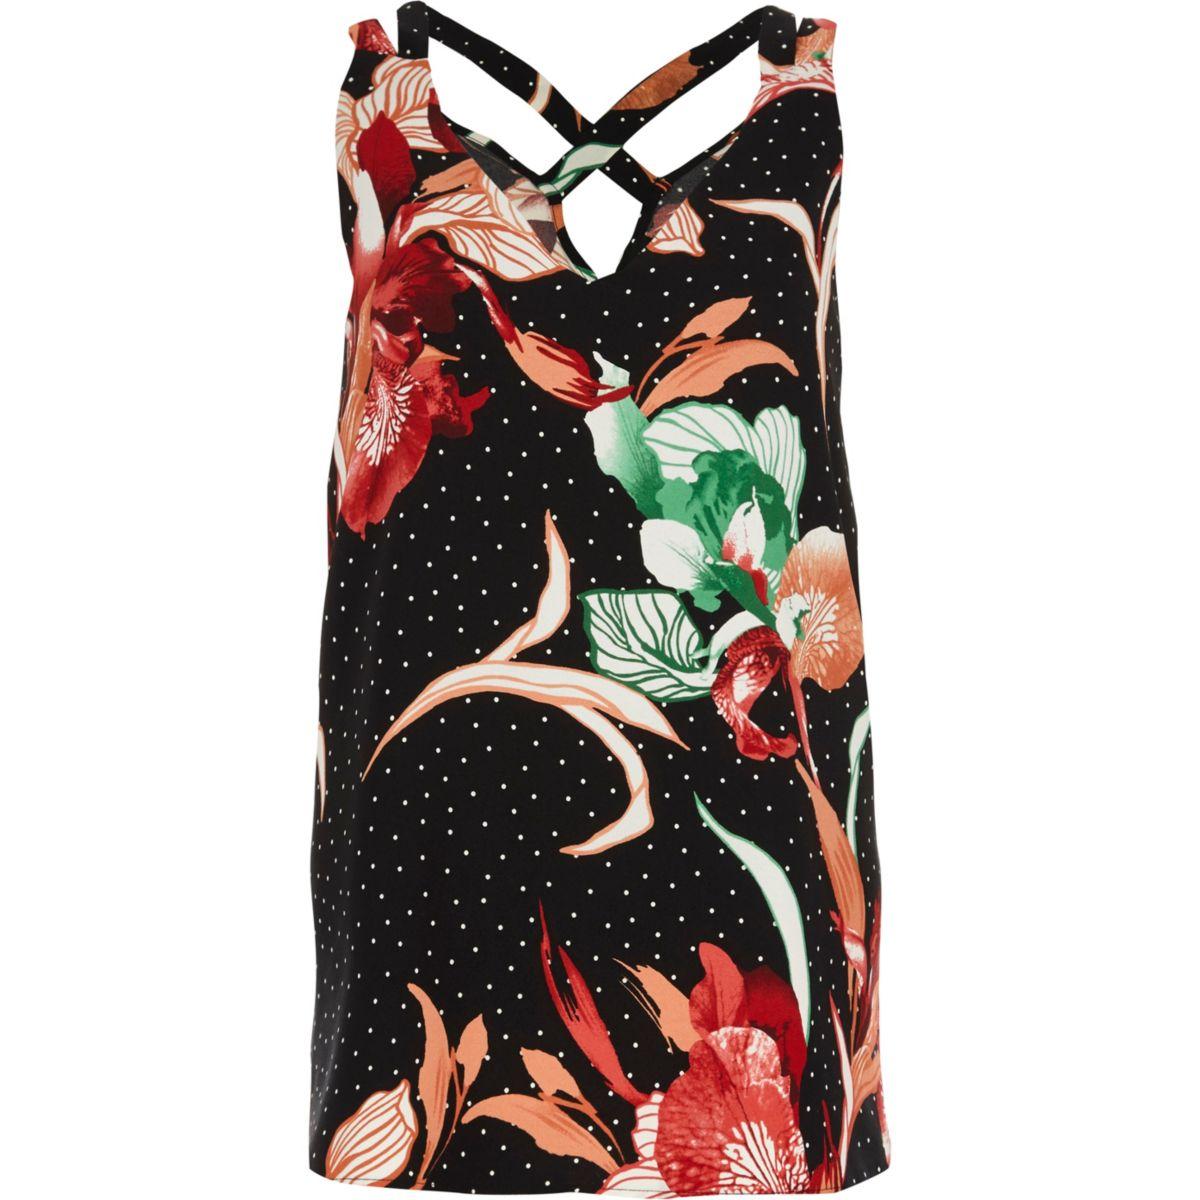 Zwart gestippeld hemdje met gekruiste bandjes op de rug en bloemenprint